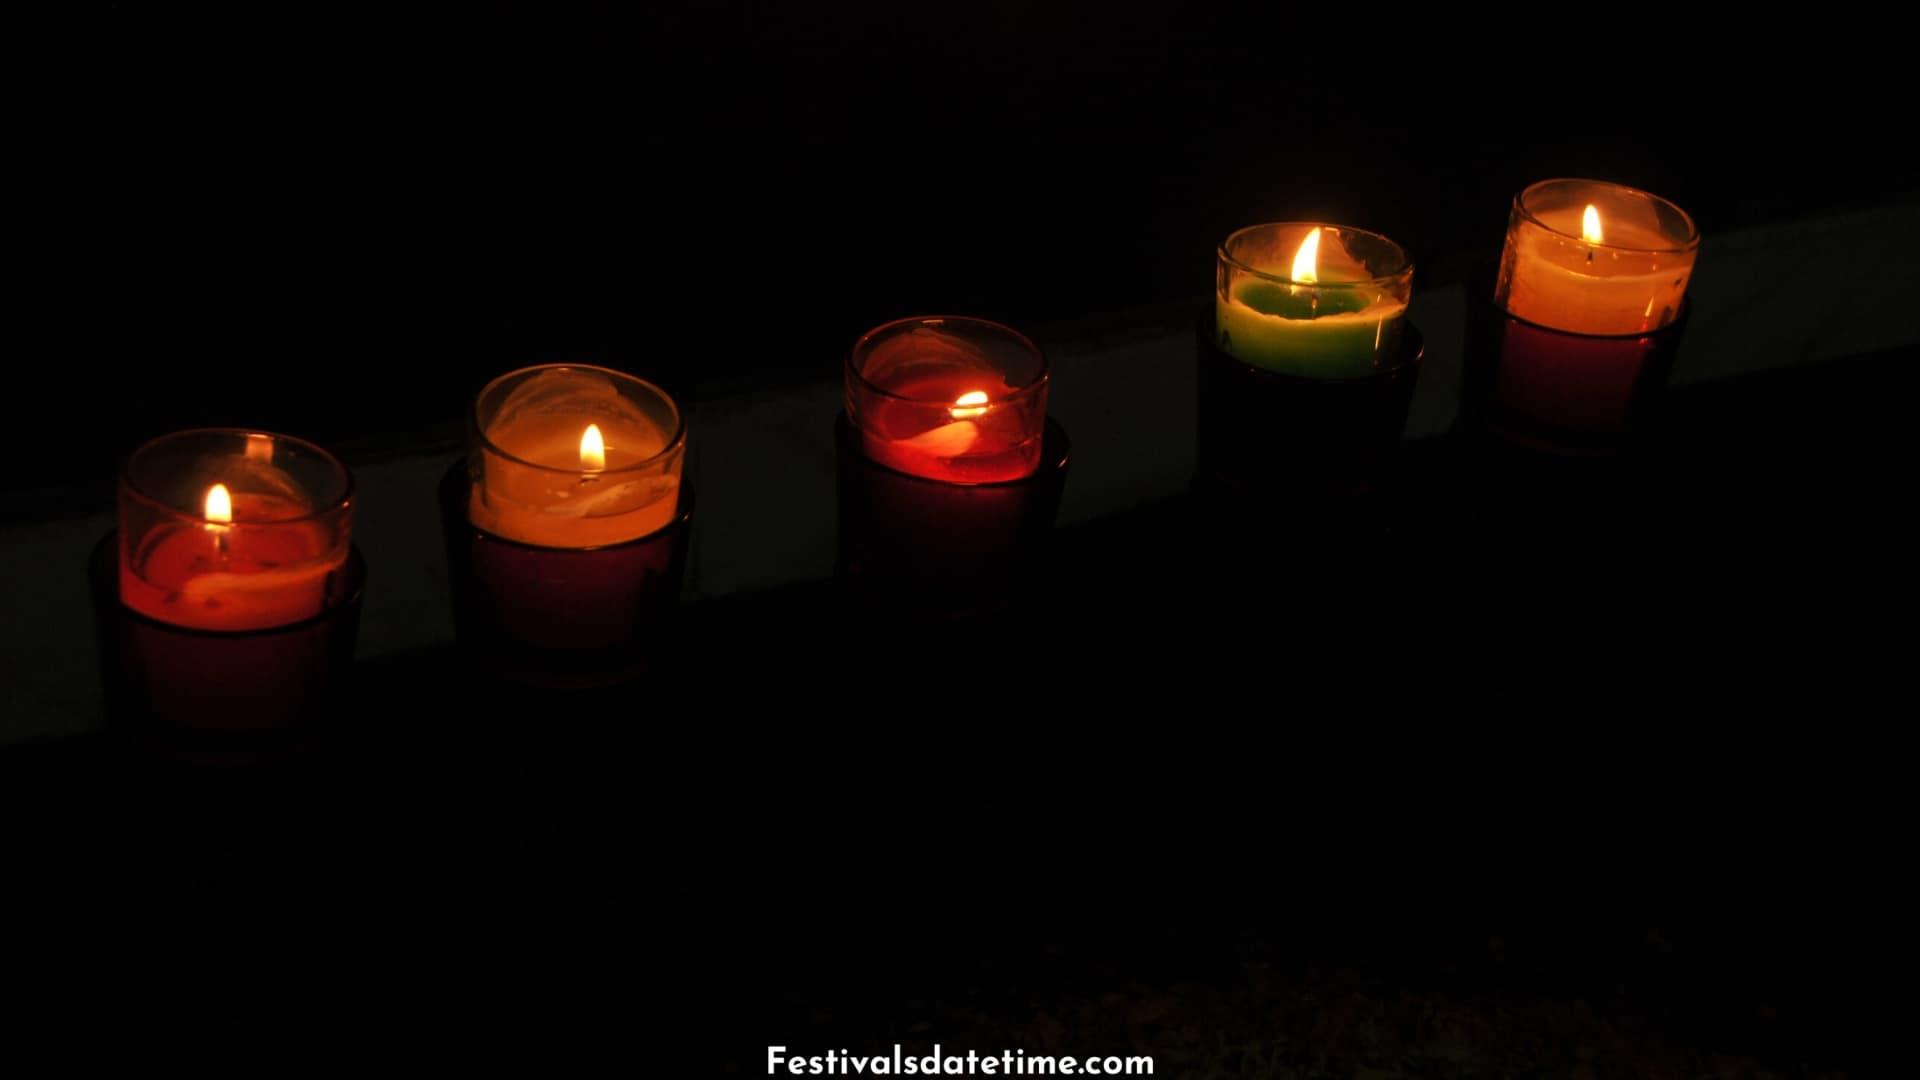 diwali_background_image